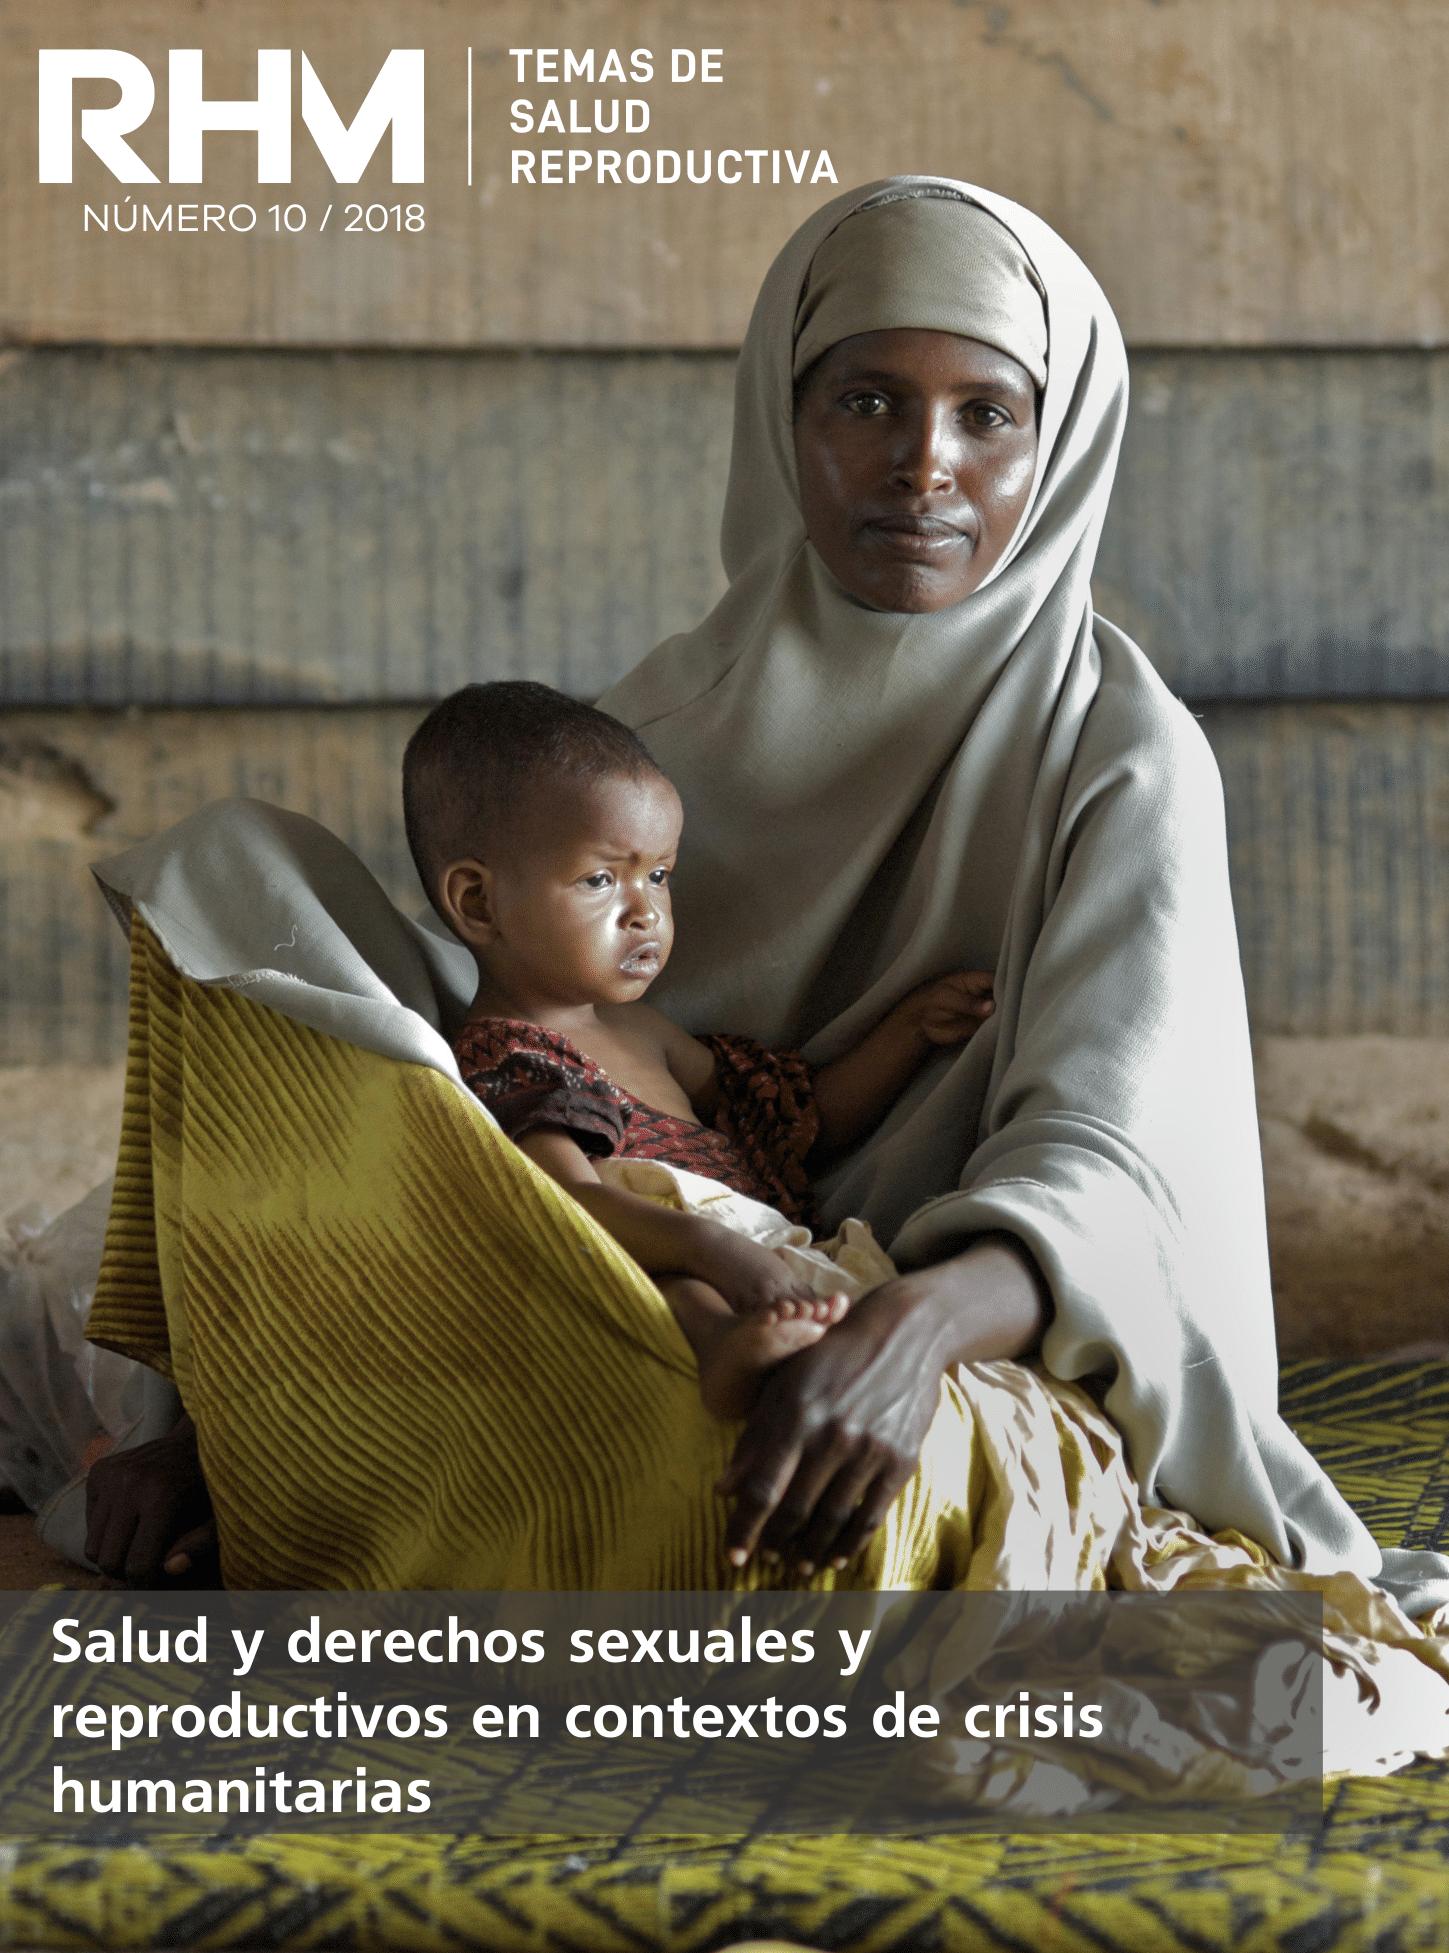 Salud y derechos sexuales y reproductivos en contextos de crisis humanitarias